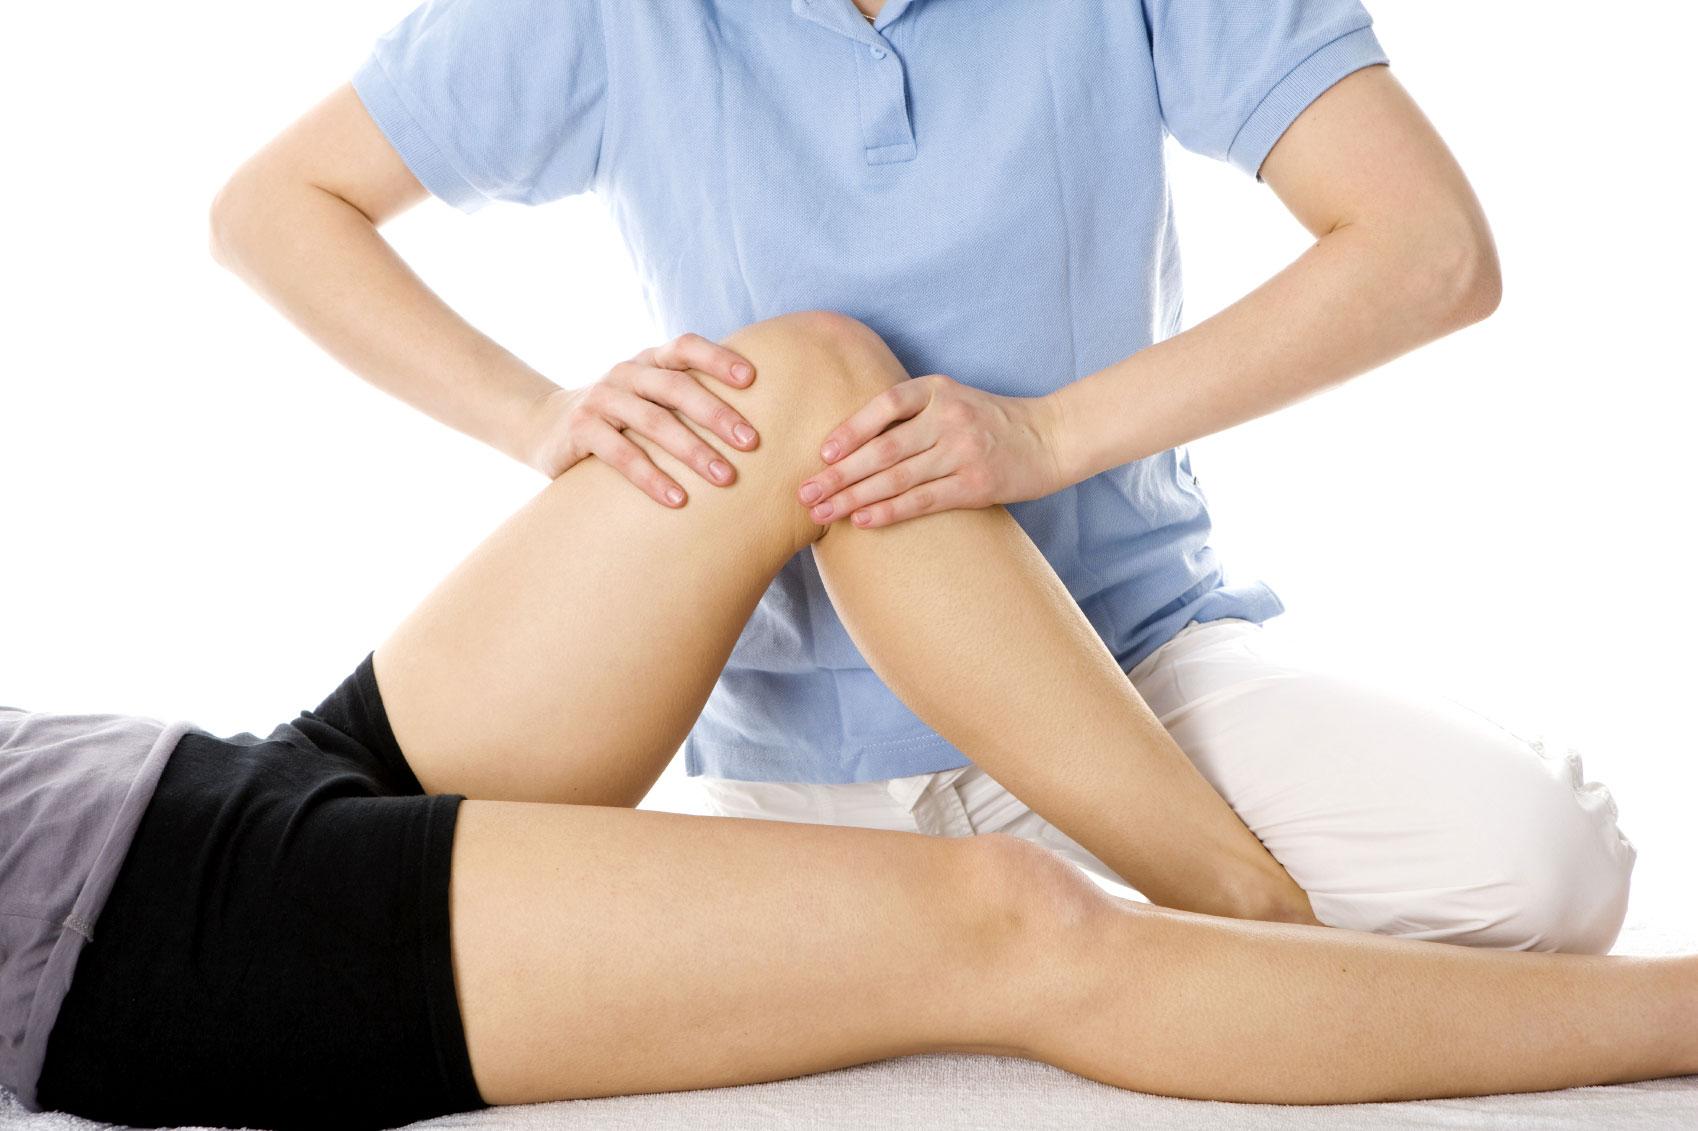 Desgaste de rodillas en el adulto joven - Featured Image